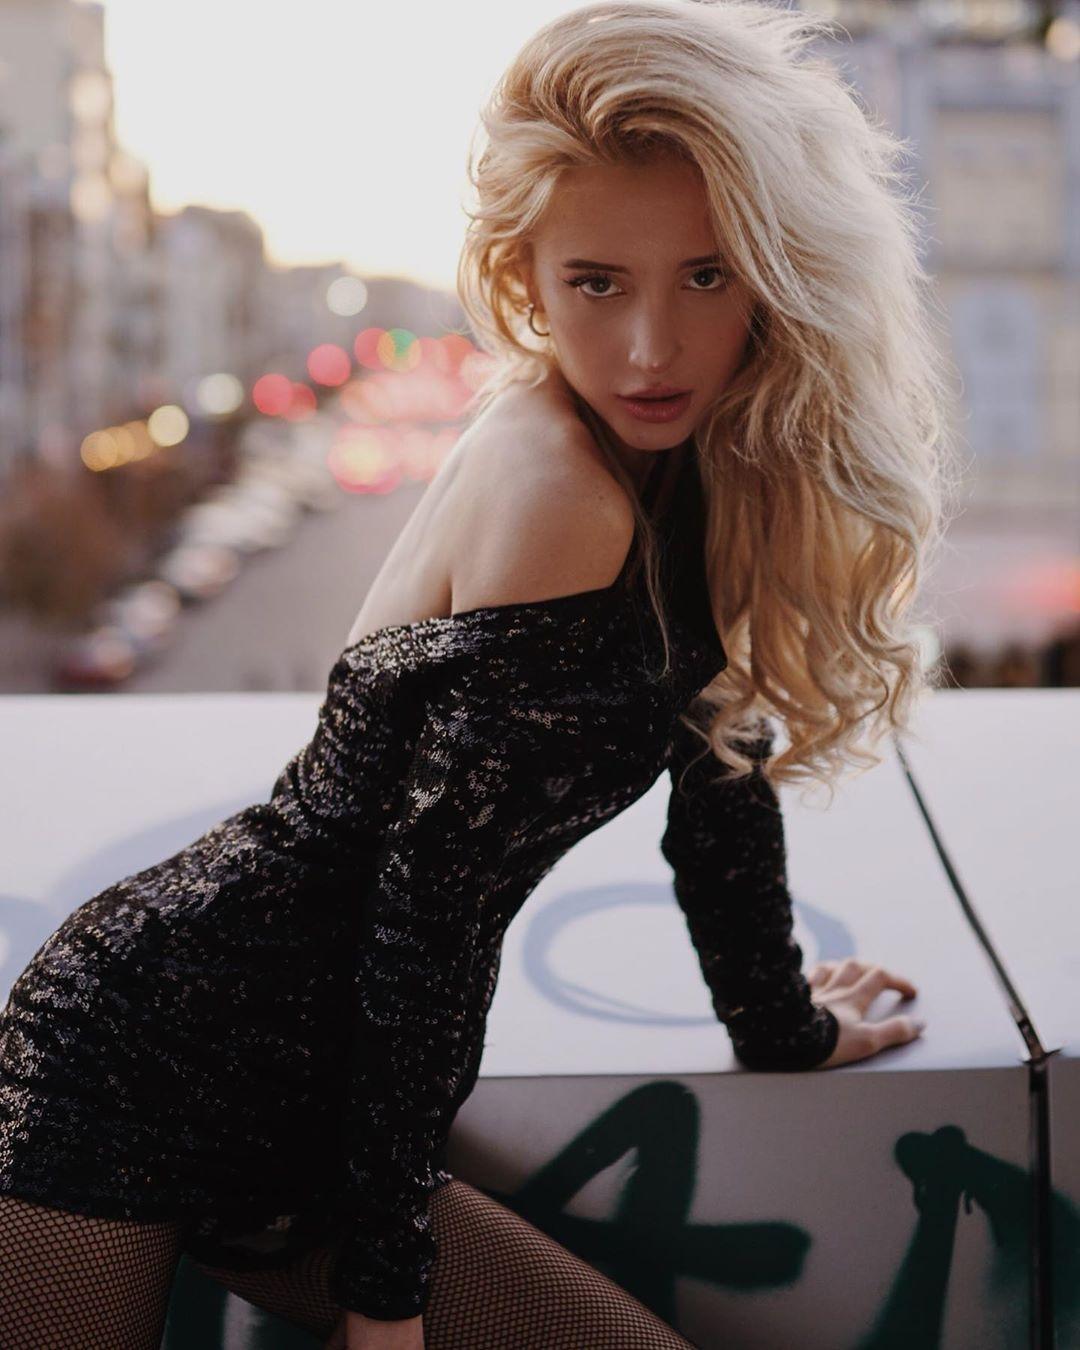 Секреты красоты от солистки DILEMMA Nika Manika: beauty-процедуры в домашних условиях (ЭКСКЛЮЗИВ) - фото №1